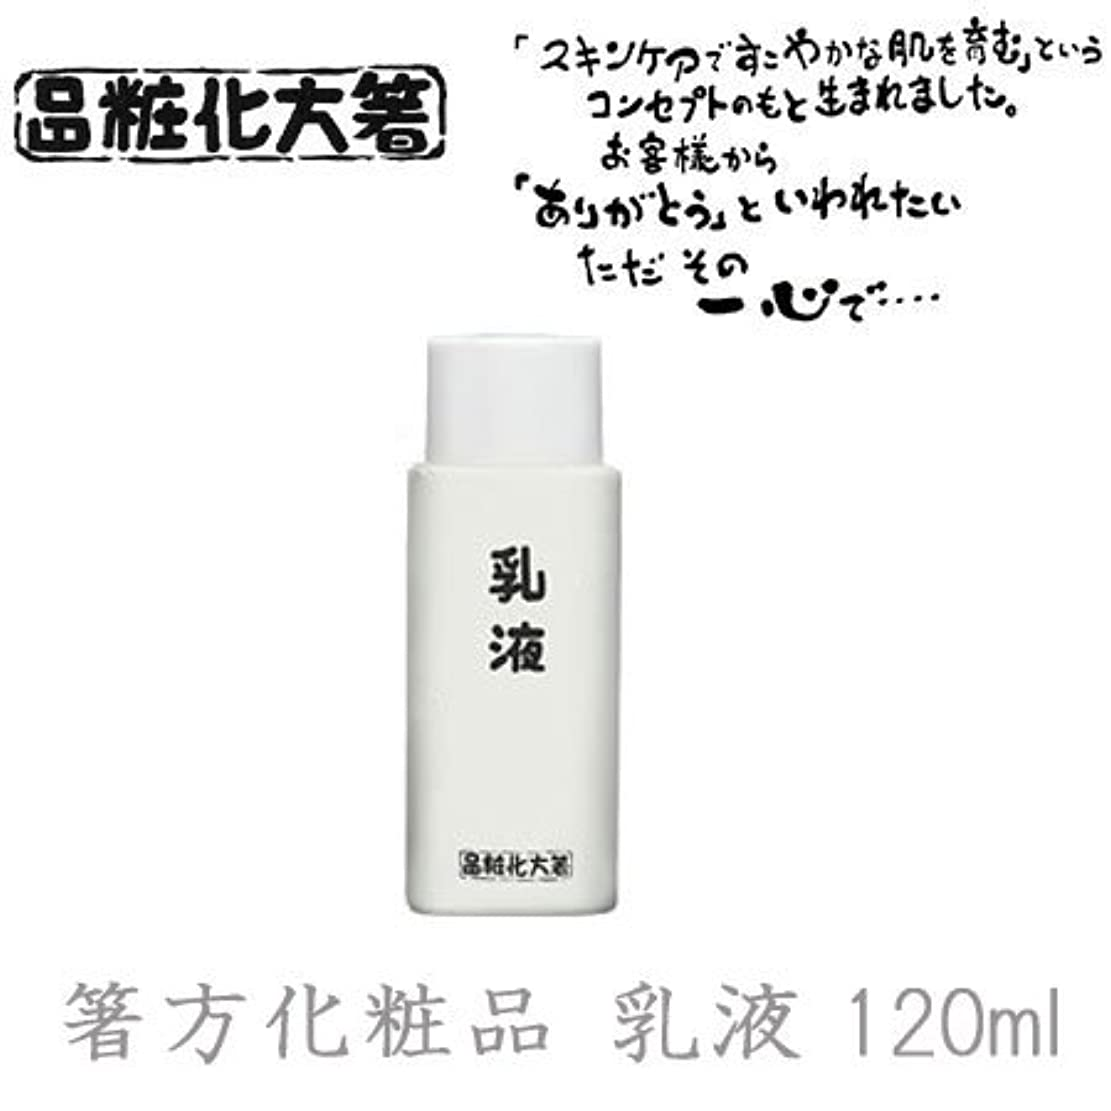 操作逸話に勝る箸方化粧品 乳液 120ml はしかた化粧品